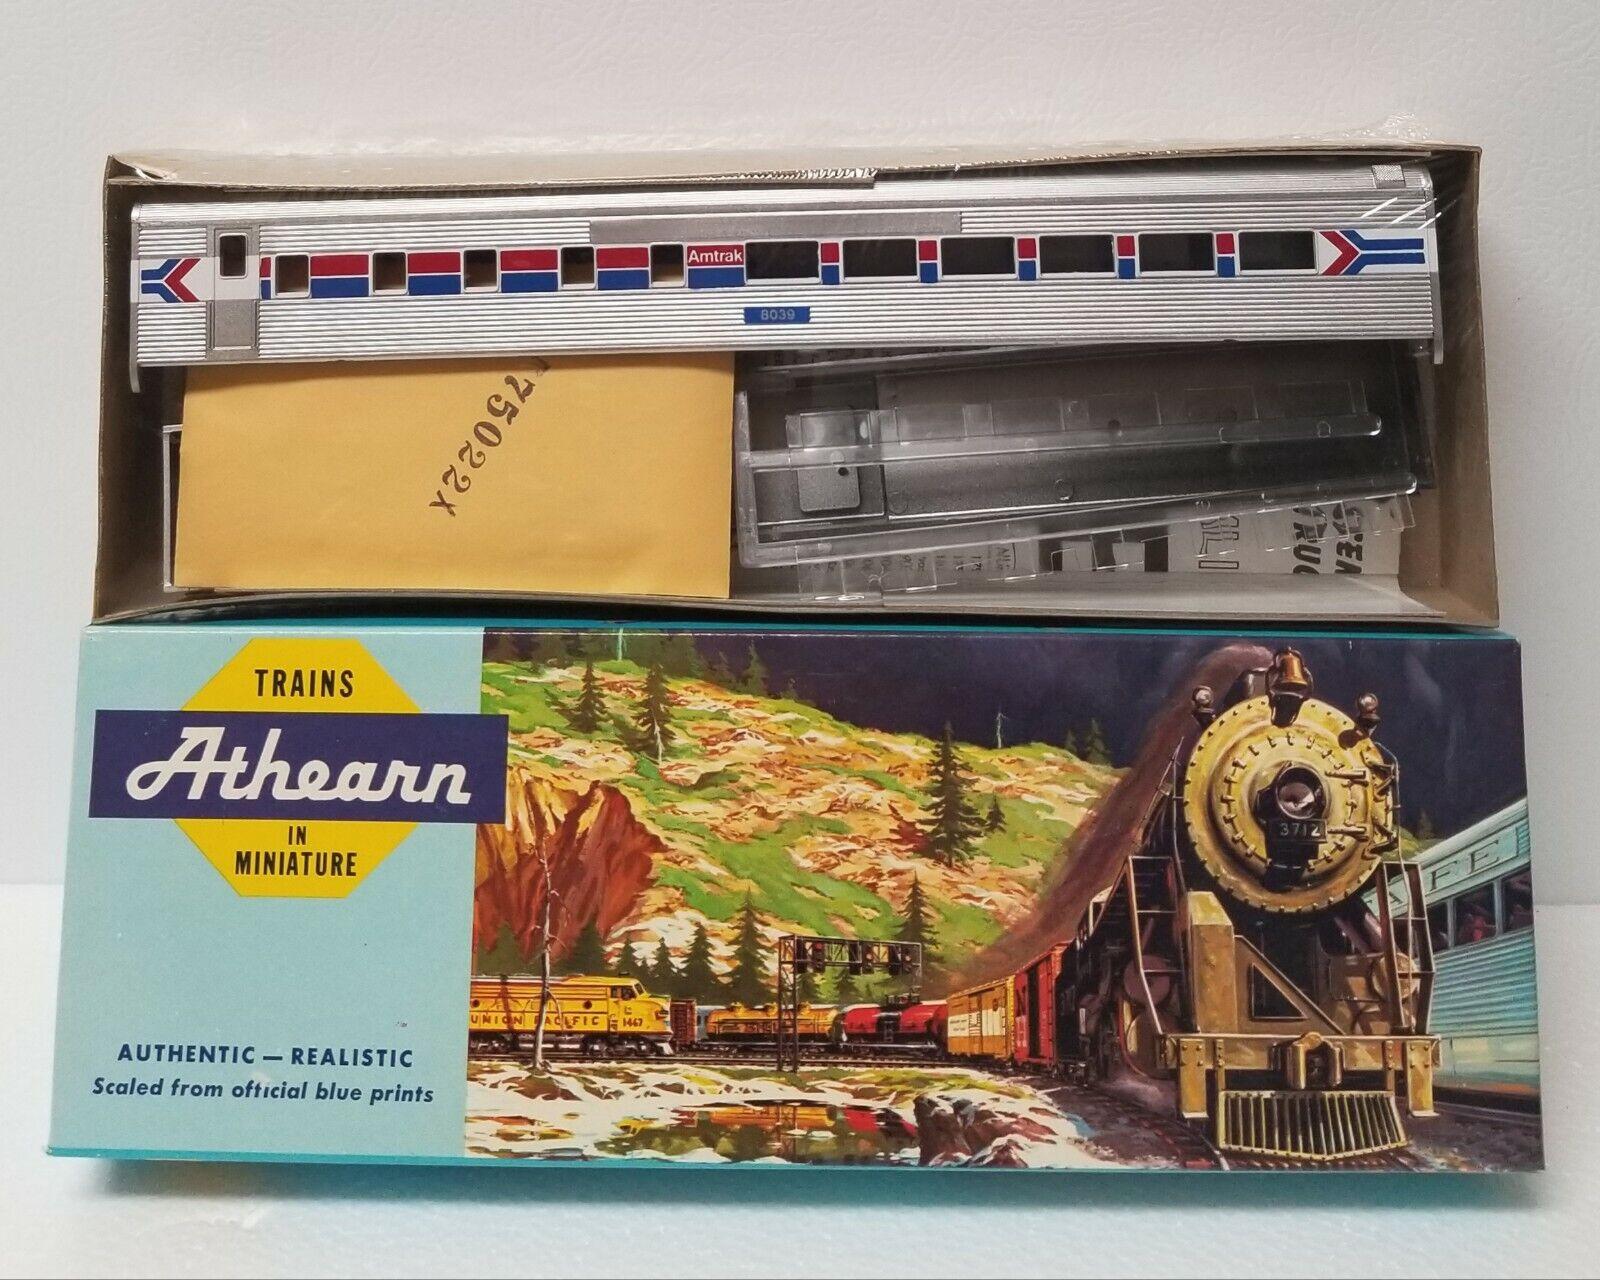 Athearn Ho Scale 1799 SL Diner Amtrak Passenger Car Model Train Kit - New in Box